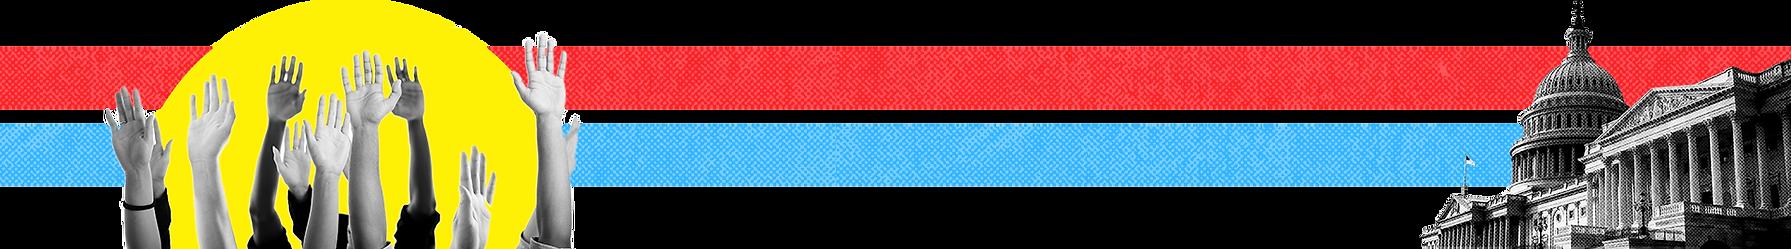 Stripe-2.png